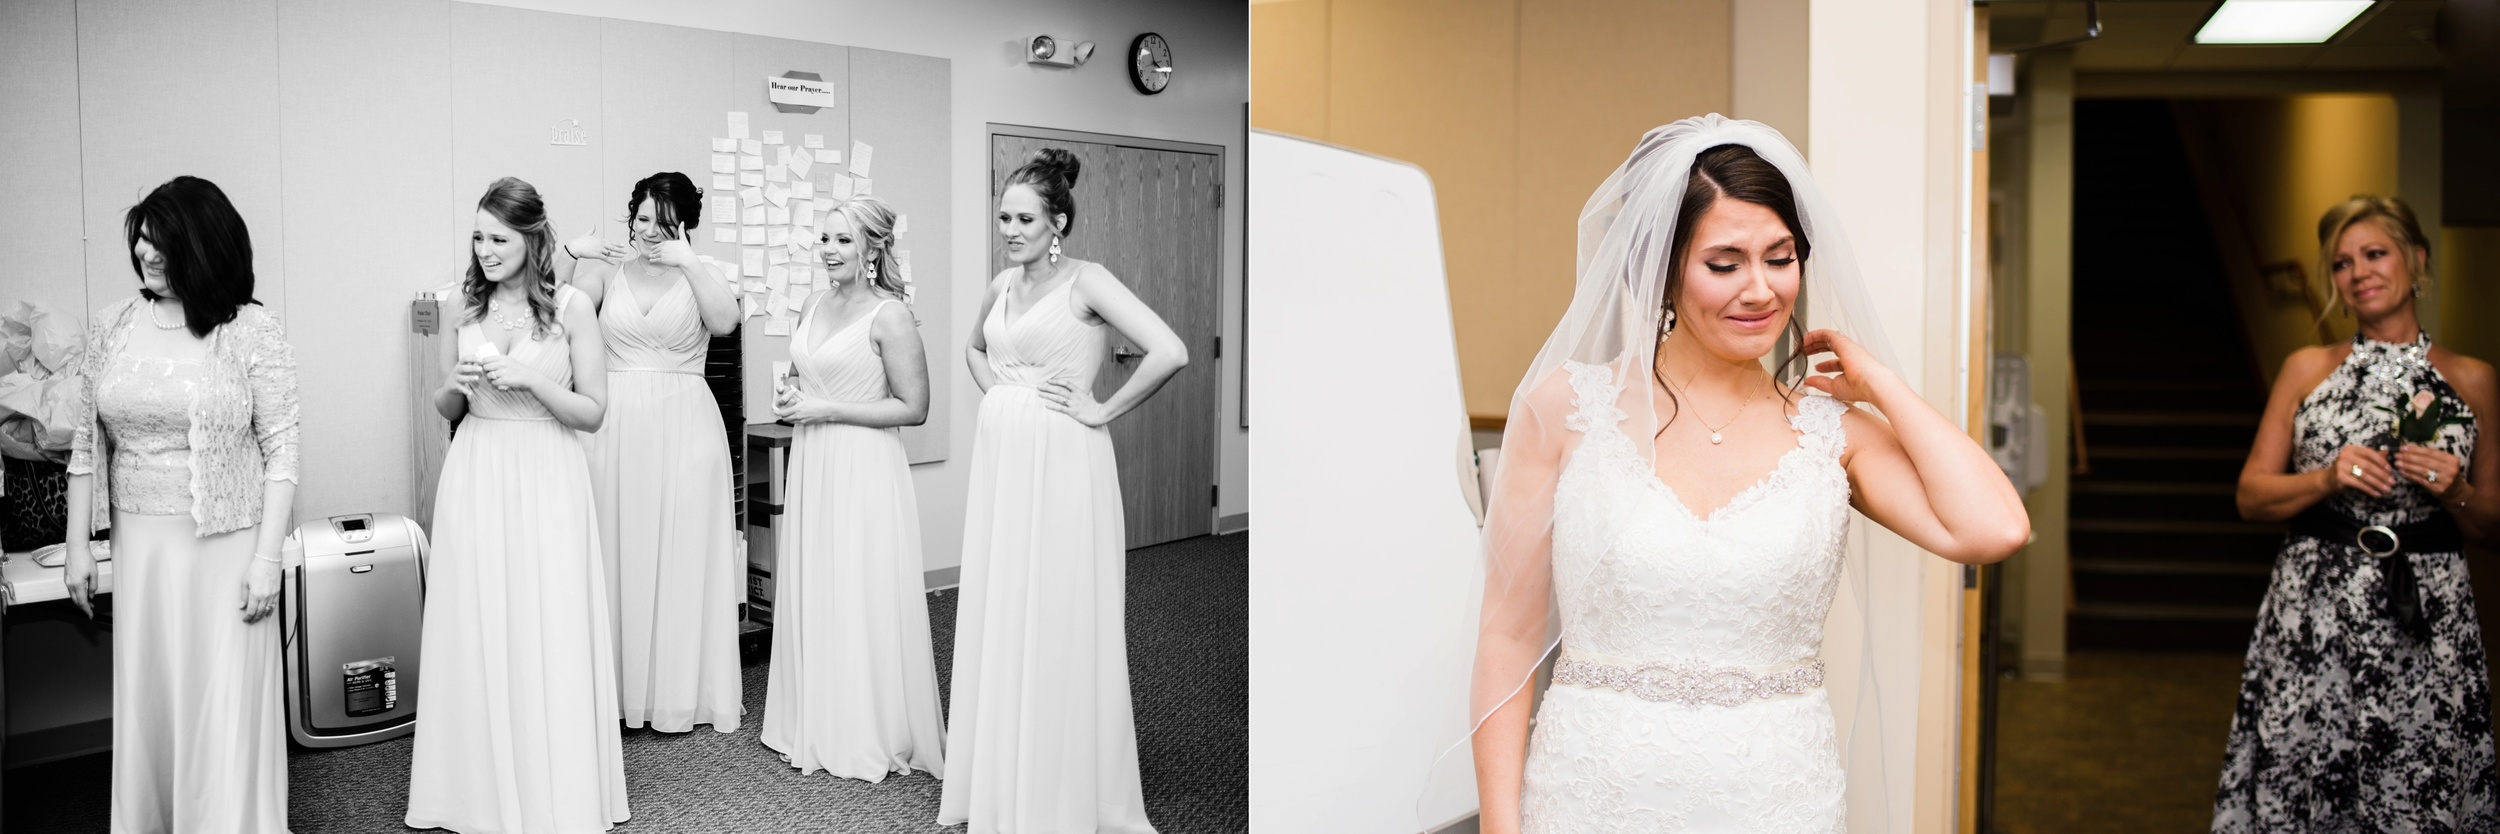 Des Moines Iowa Wedding Photographer_2060.jpg